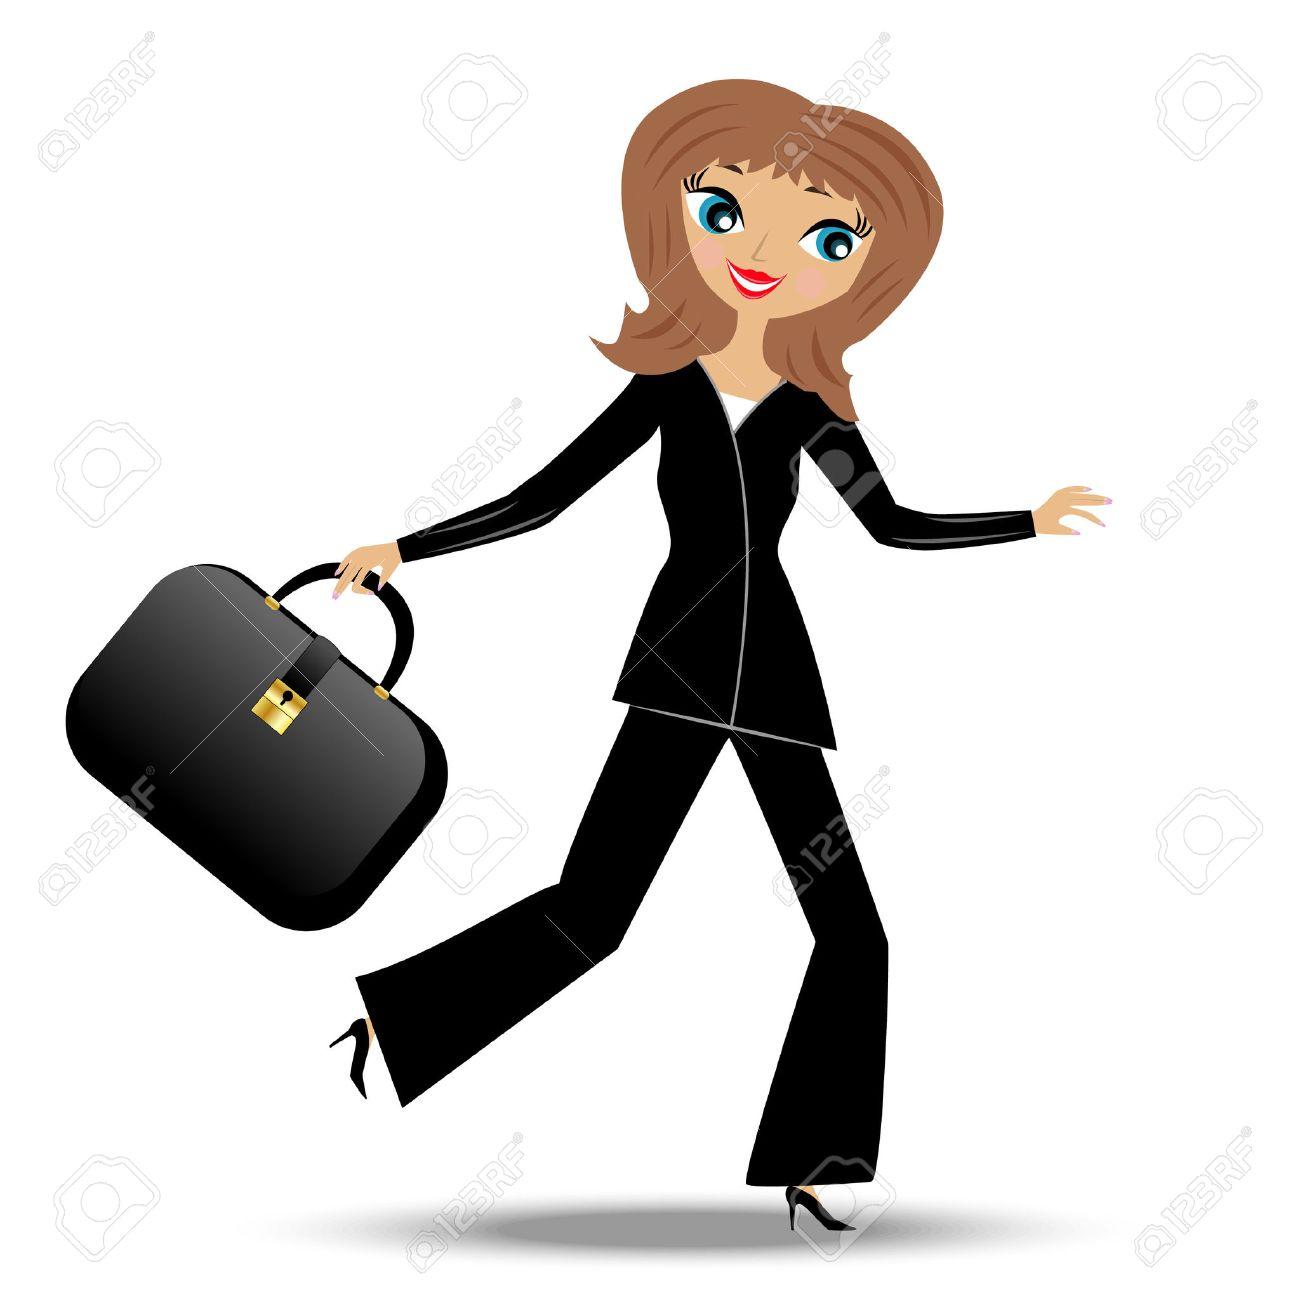 若いビジネス女性急いで仕事、ベクトル イラスト ロイヤリティフリー